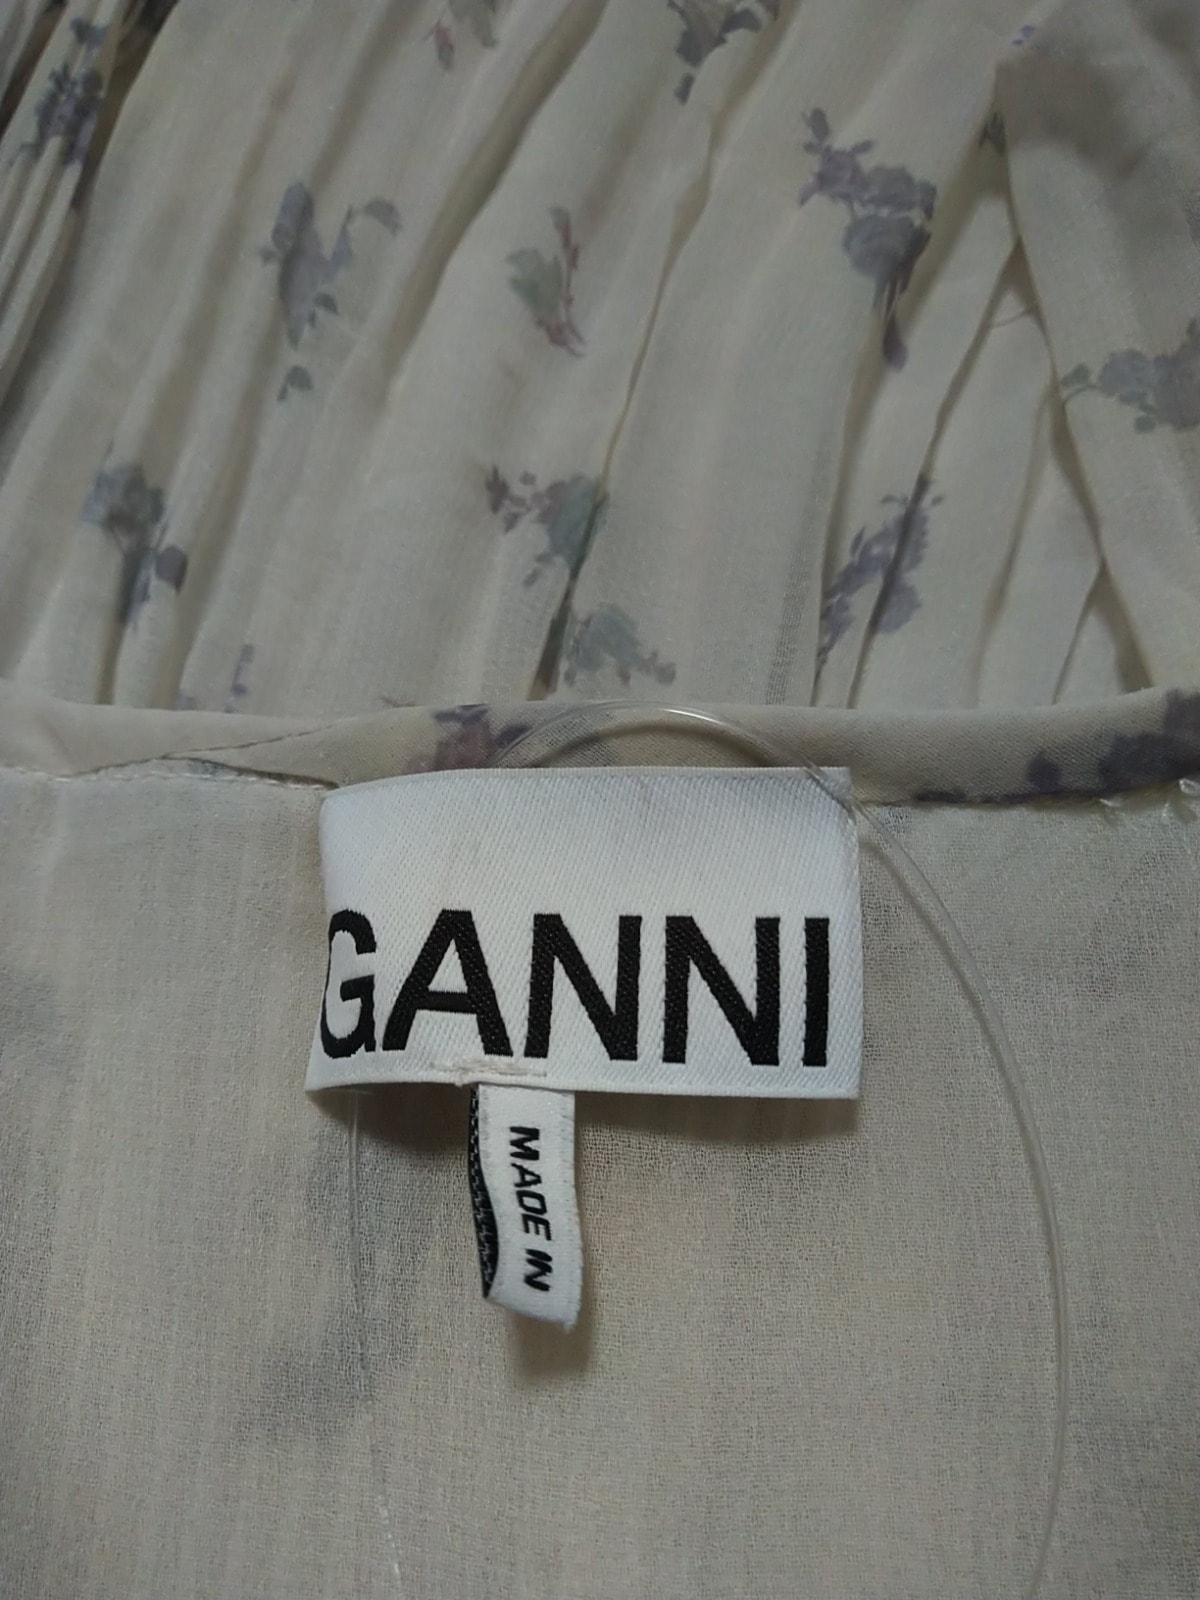 GANNI(ガニー)のカットソー